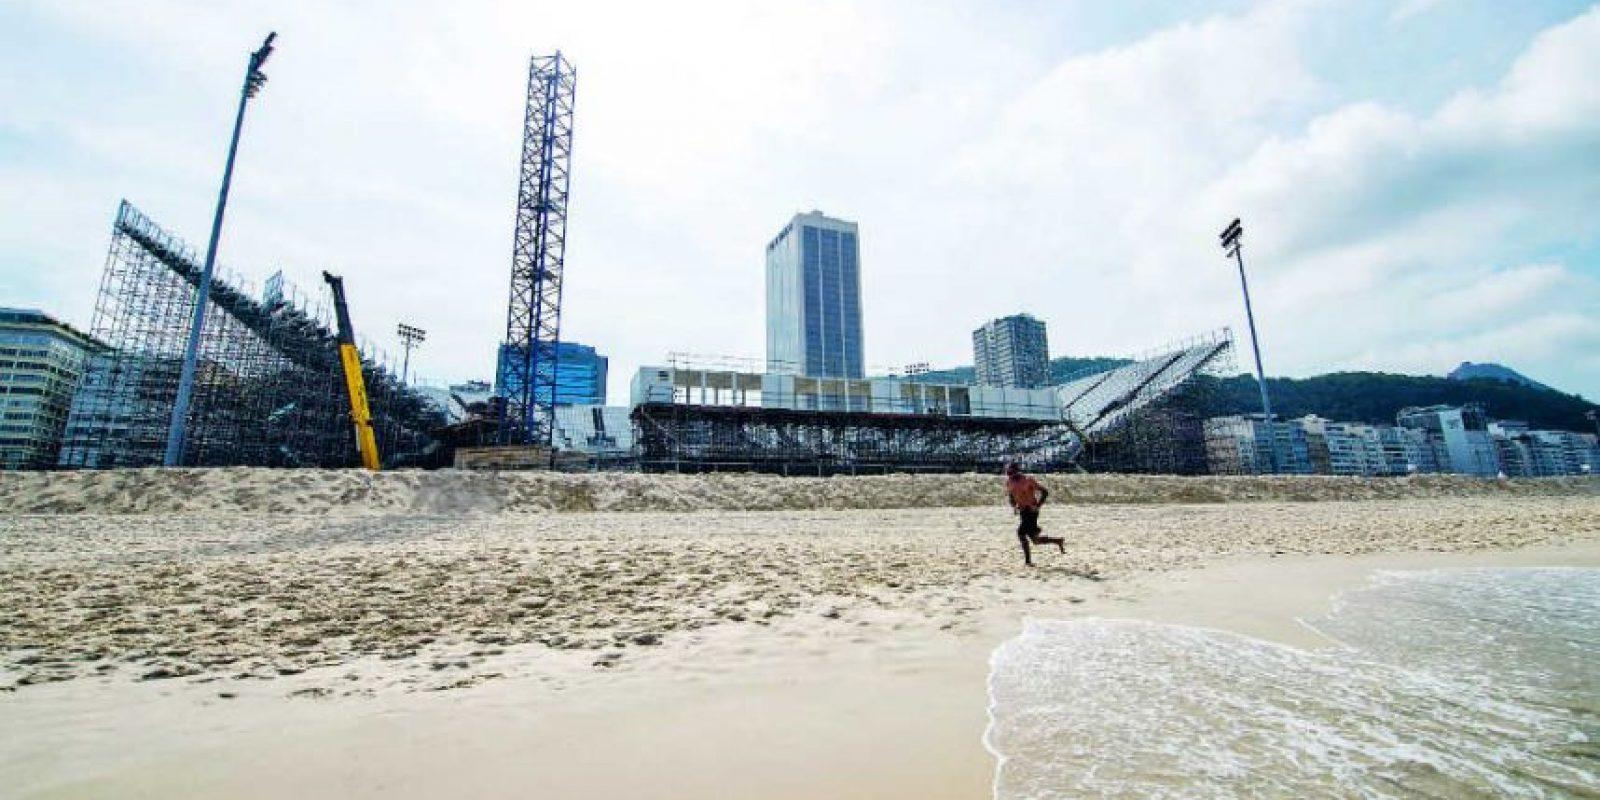 La arena devoleibol de playa es el más grande en el borde de Copacabana, con capacidad para 12 mil personas Foto:BRUNA PRADO / METRO RIO. Imagen Por: